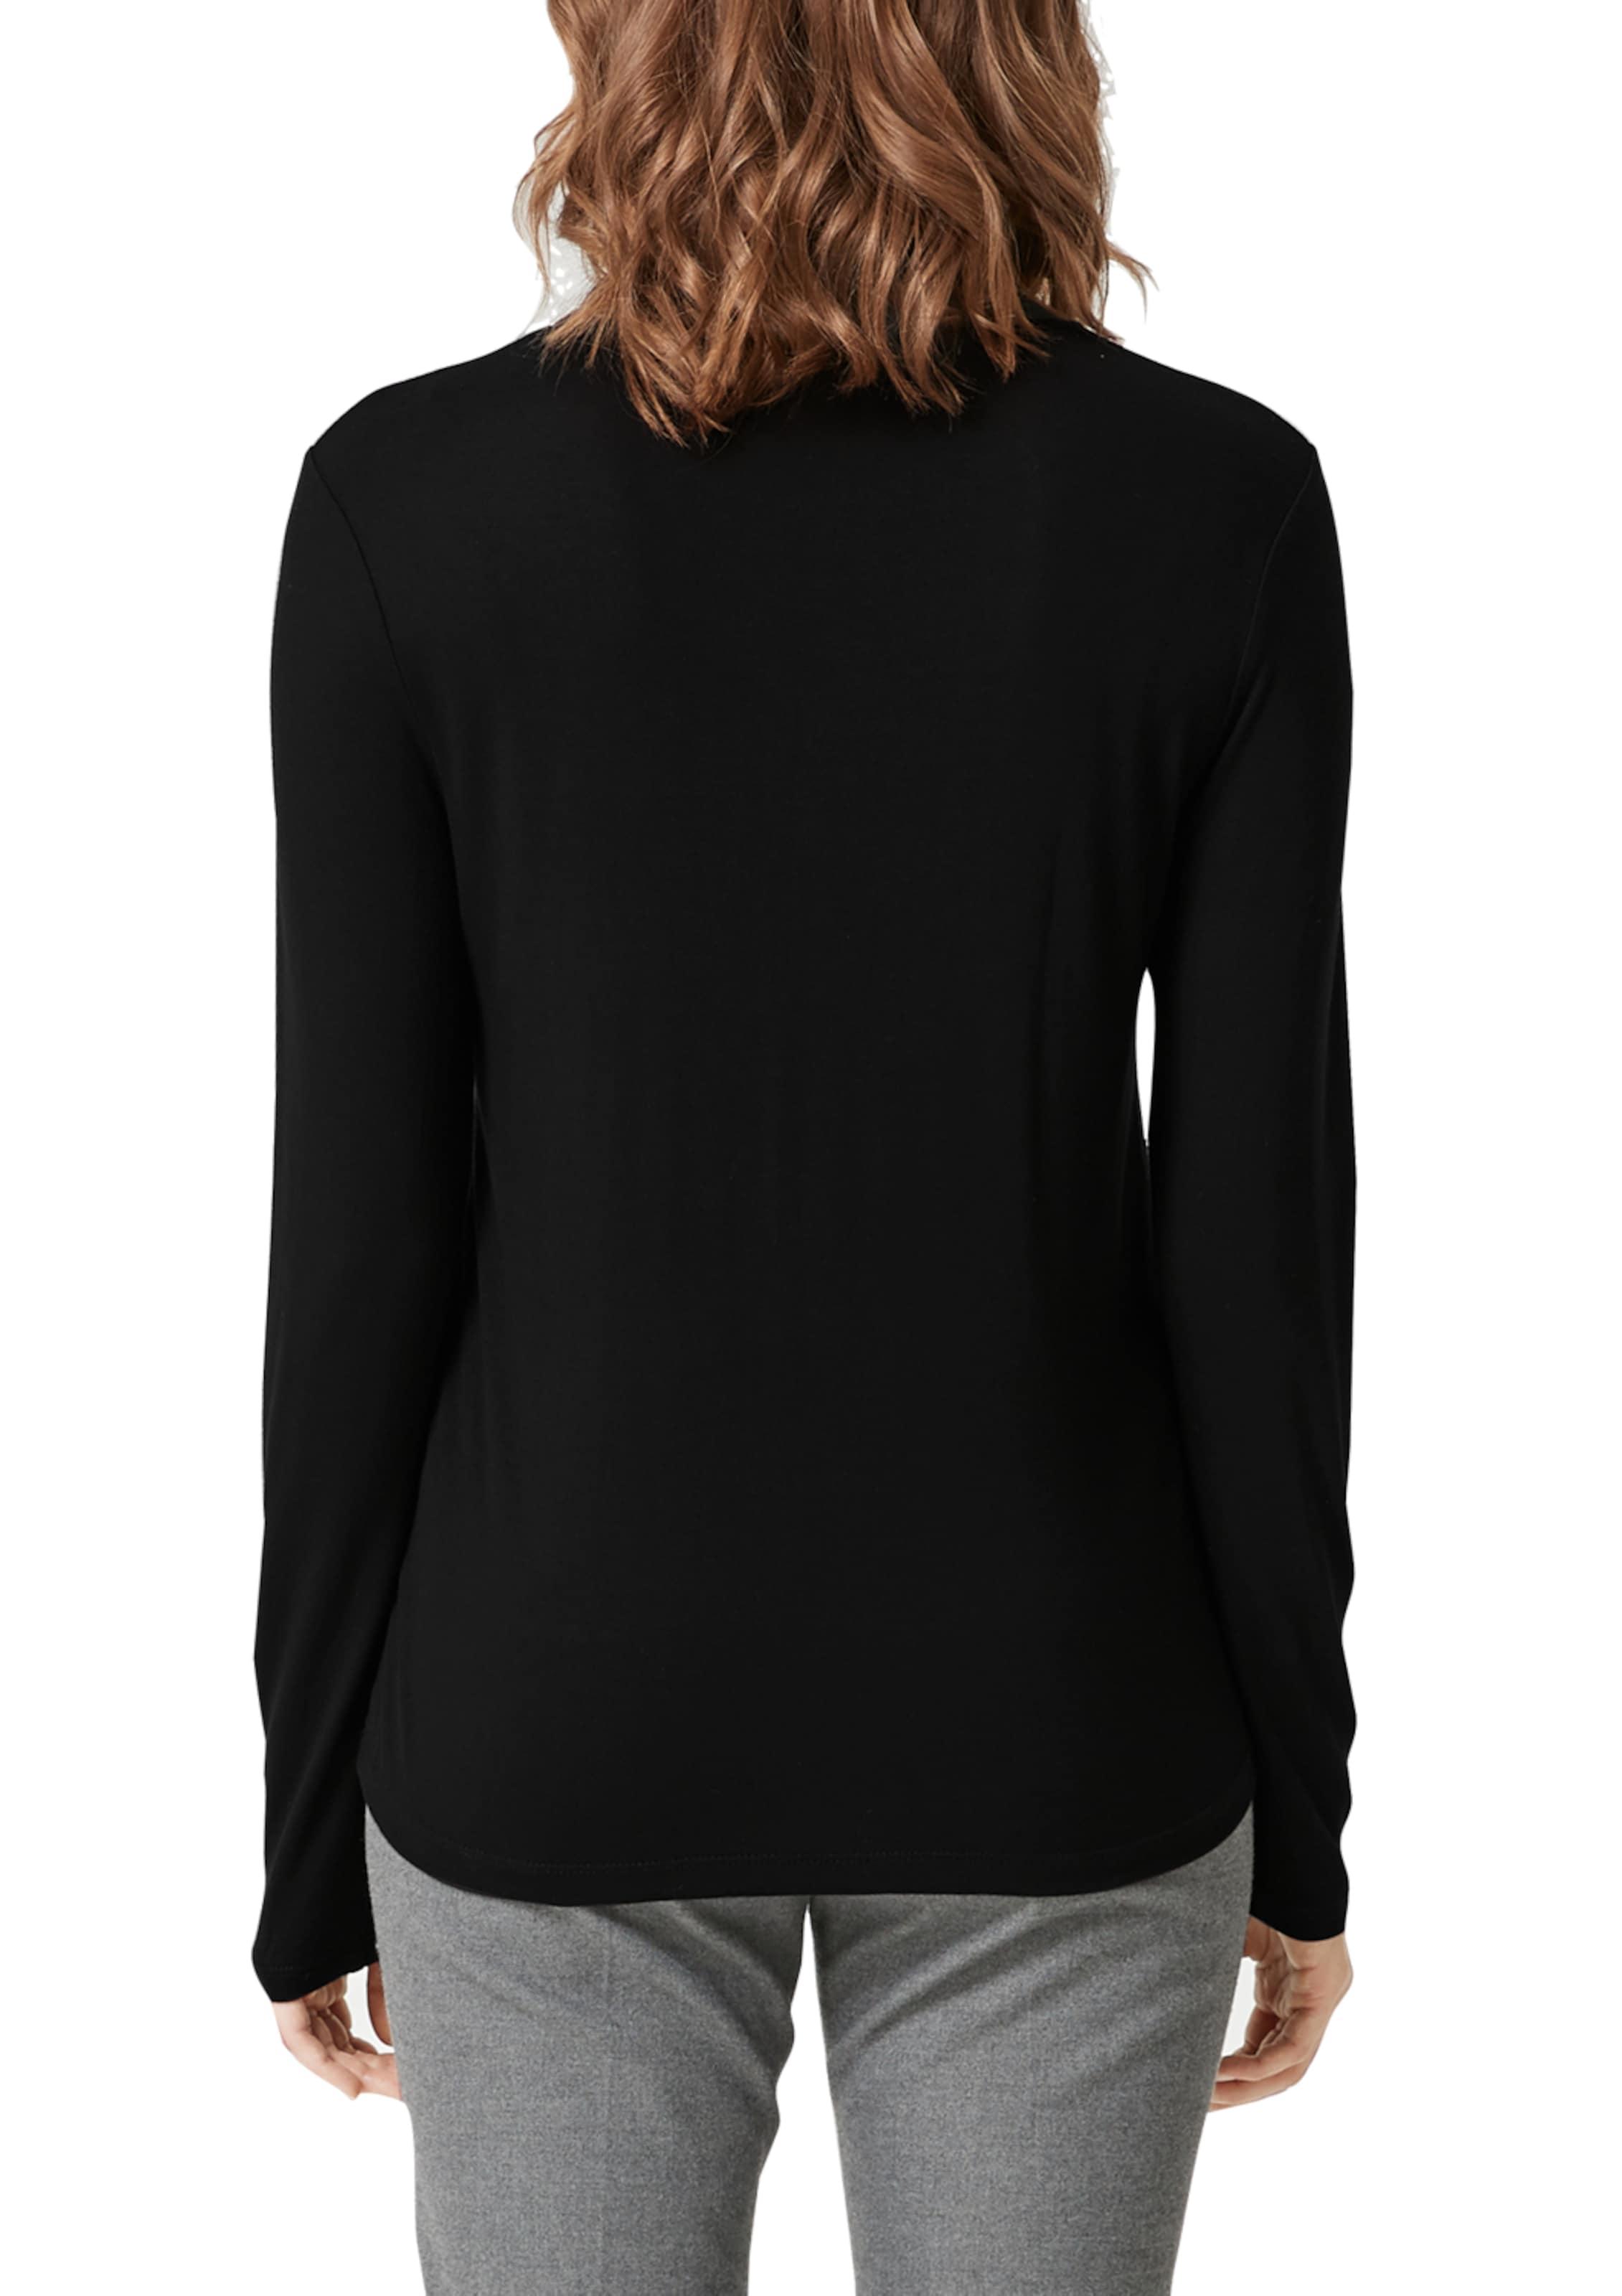 oliver Label Schwarz Red Shirt S In 8Xn0ONPwk